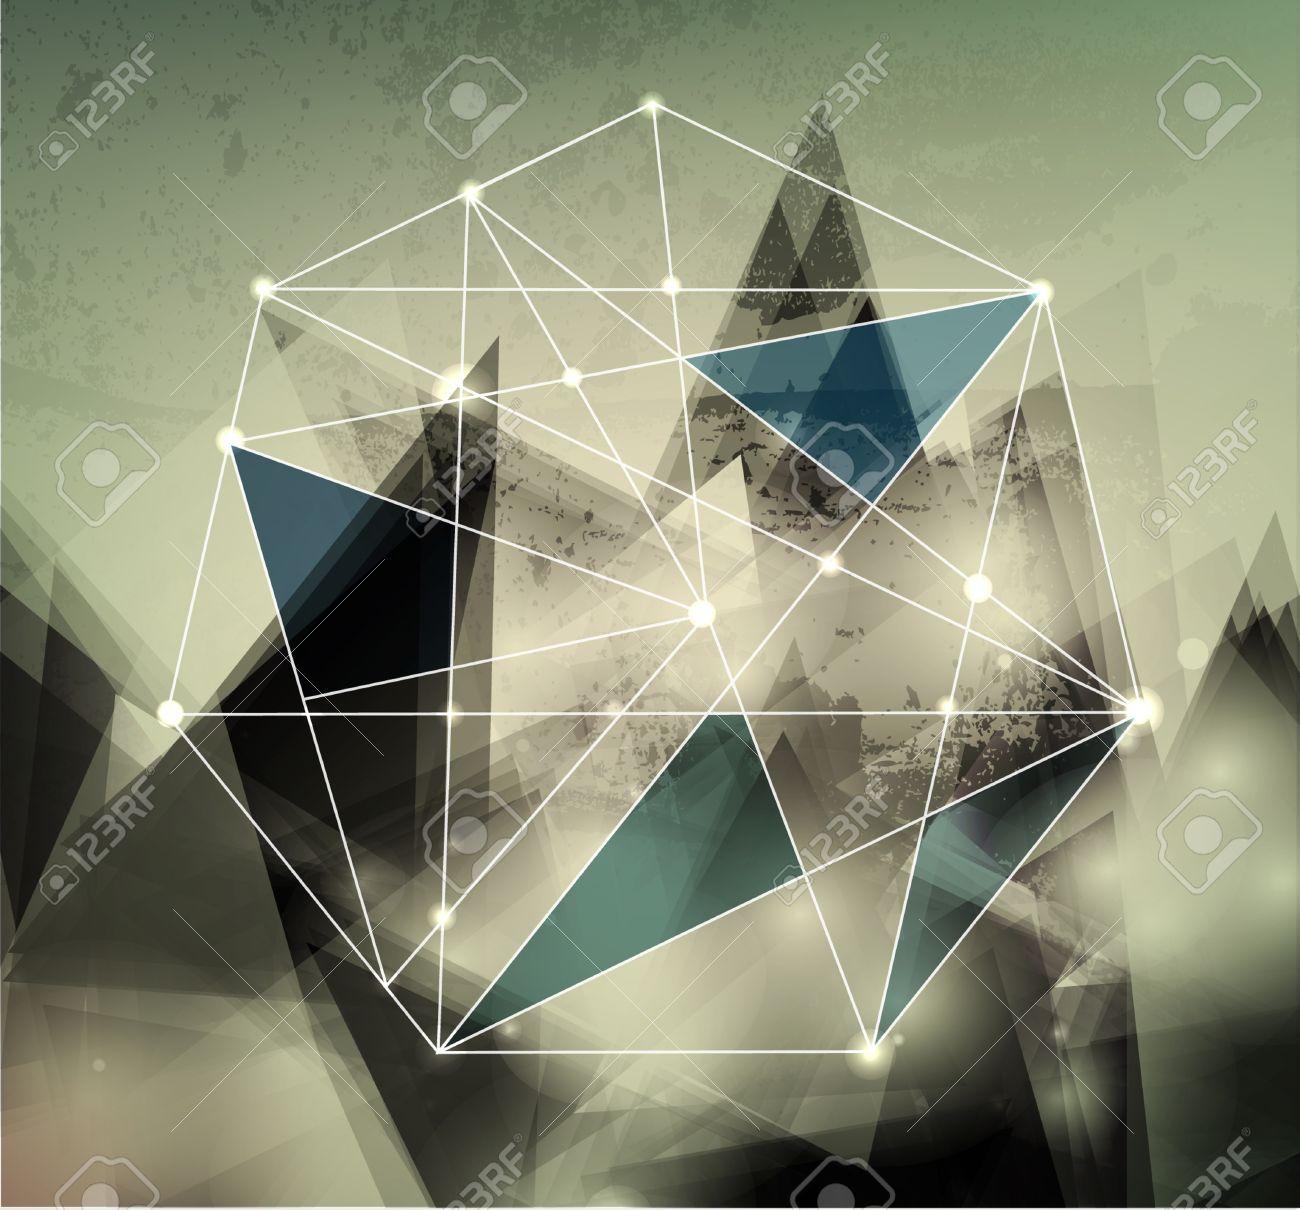 無毛 �techno: vector de fondo abstracto